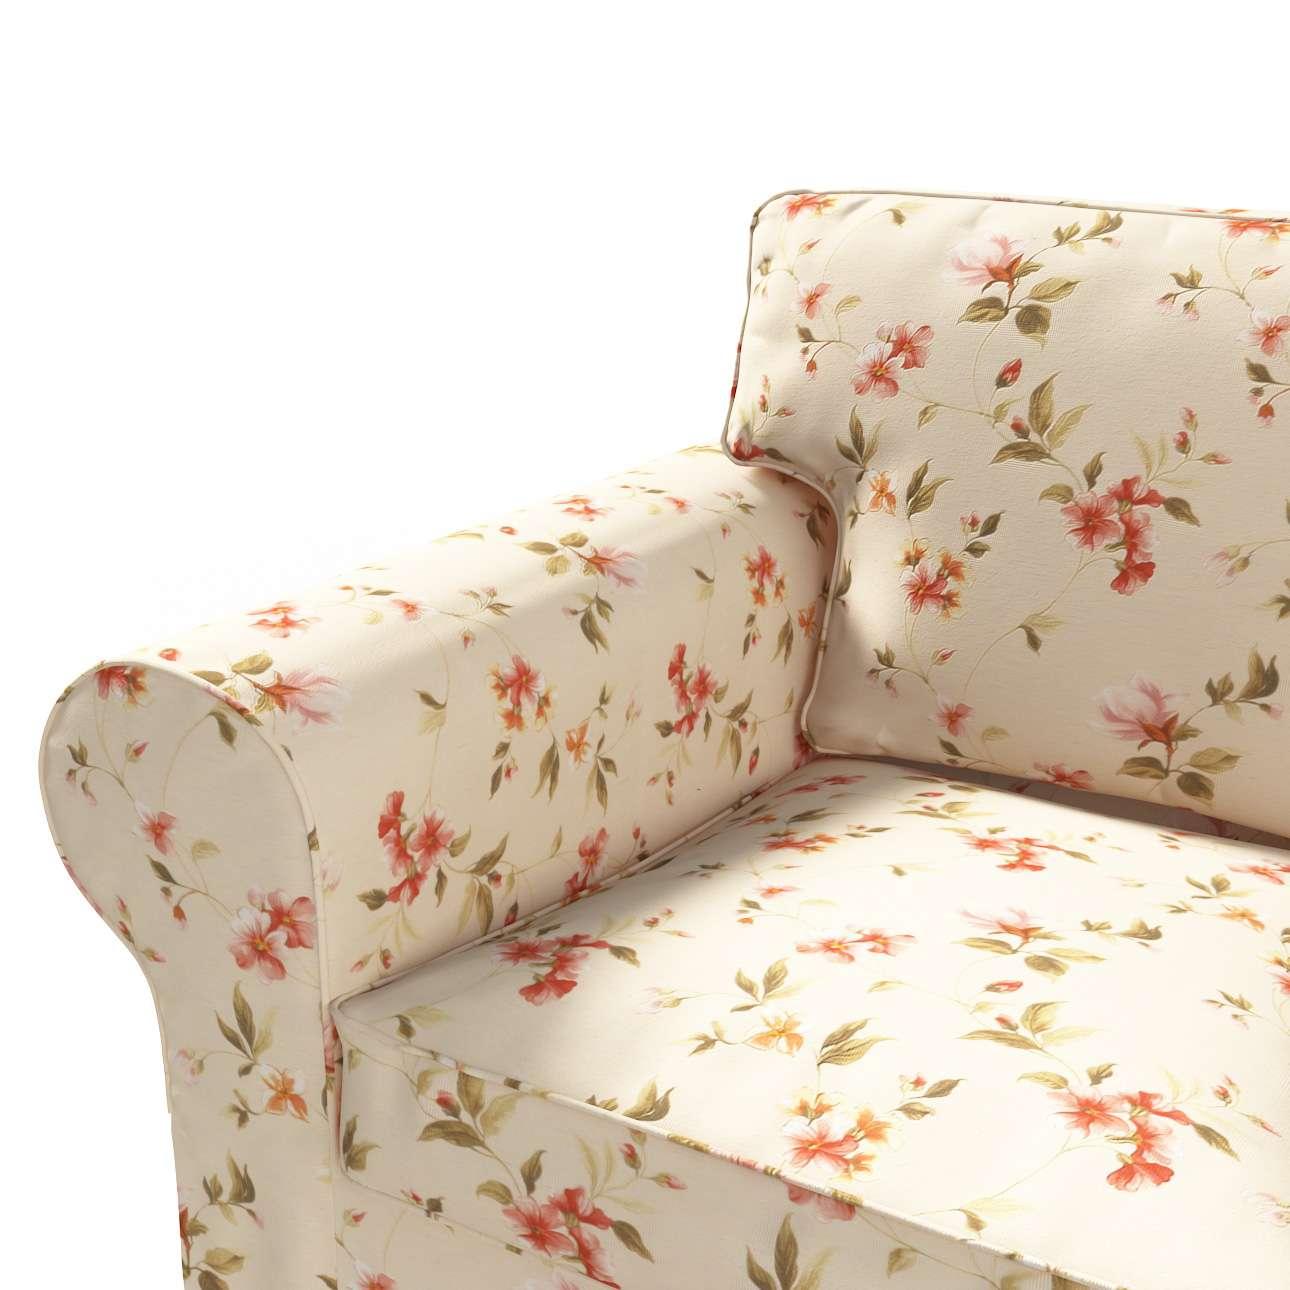 Ektorp 2 sæder sovesofa gammel model<br/>Bredde ca 195cm Betræk uden sofa fra kollektionen Londres, Stof: 124-05